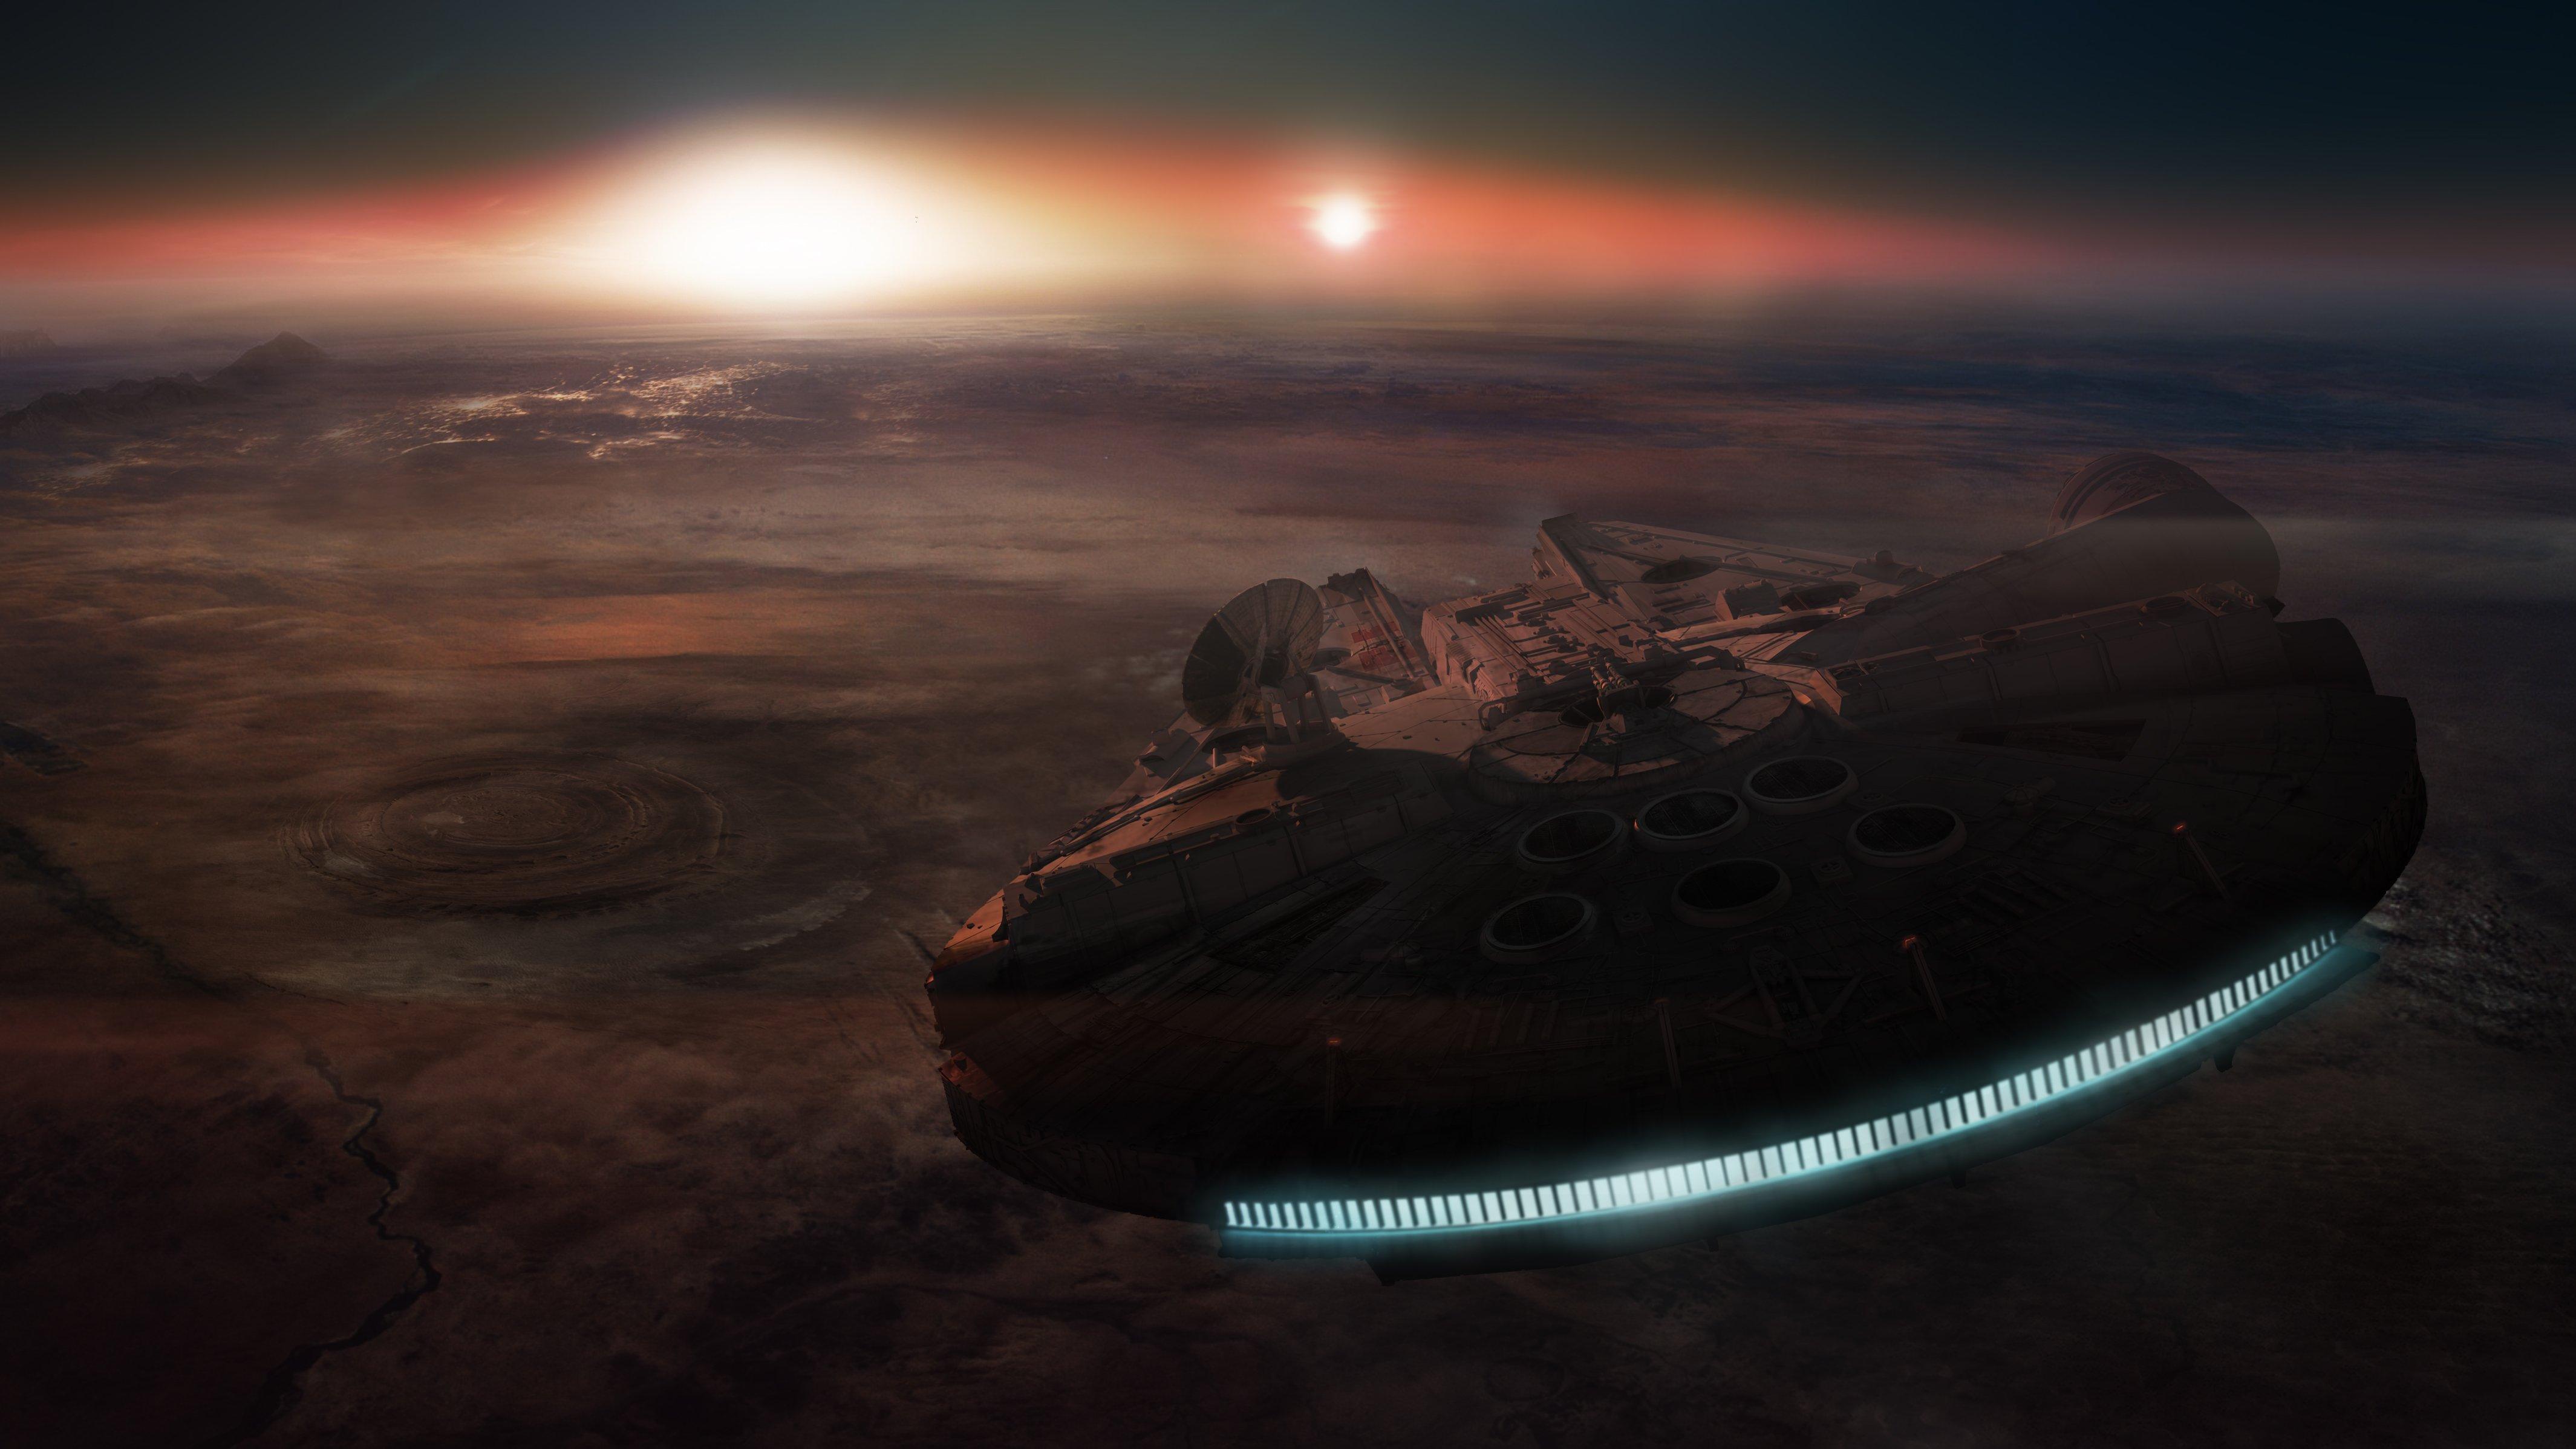 3440x1440 Wallpaper Star Wars: STAR WARS Sci-fi Action Fighting Futuristic Series